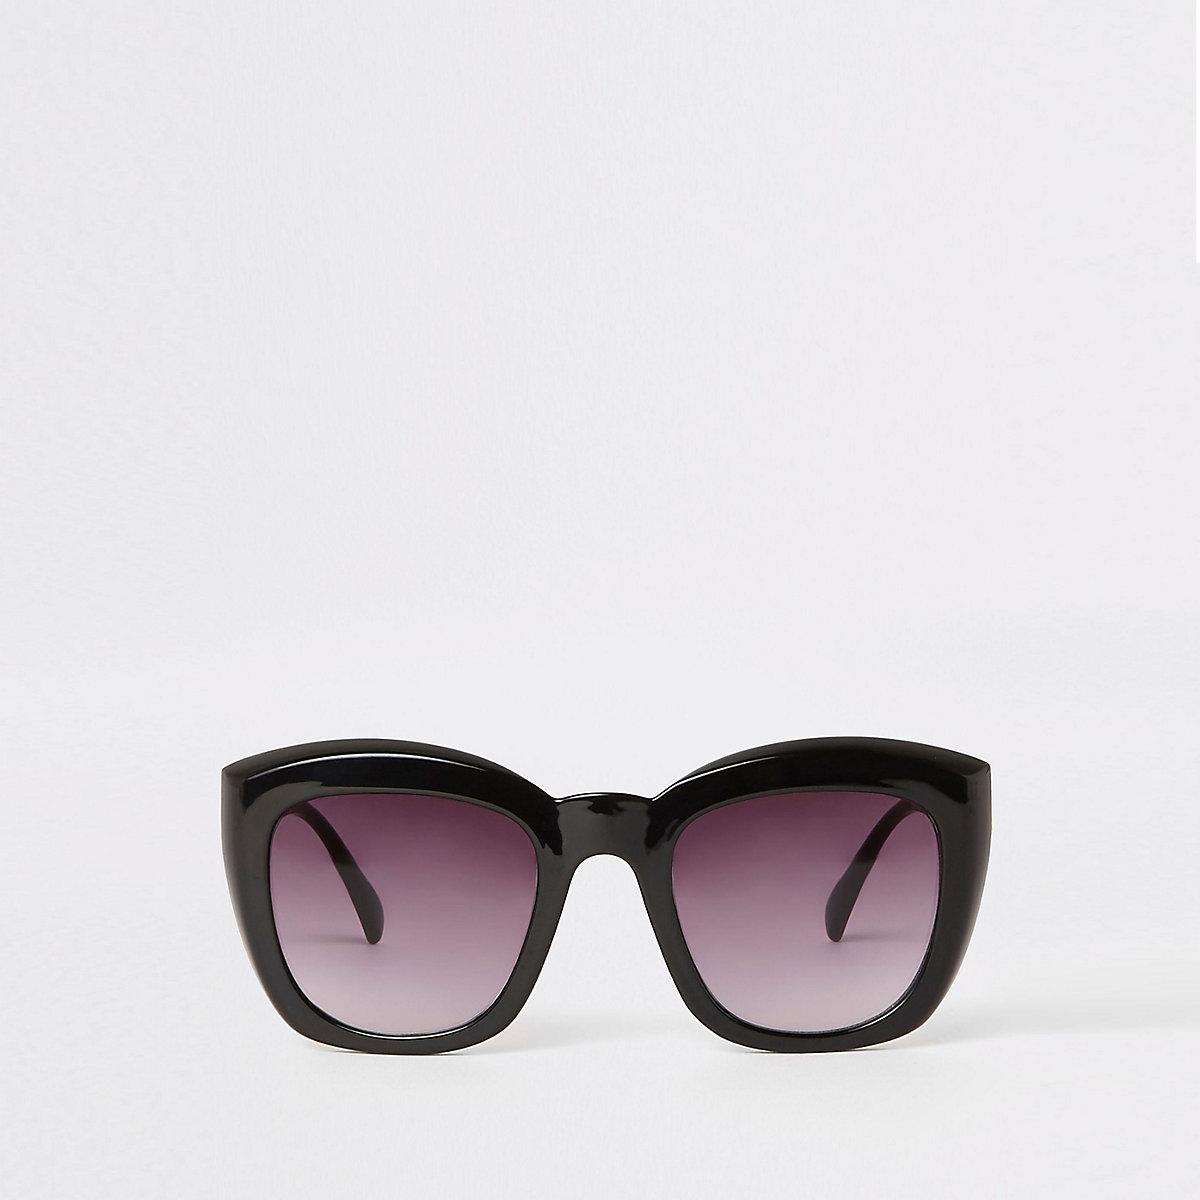 Lunettes de soleil glamour carrées noires à verres fumés - Lunettes ... 8aba6c541f15